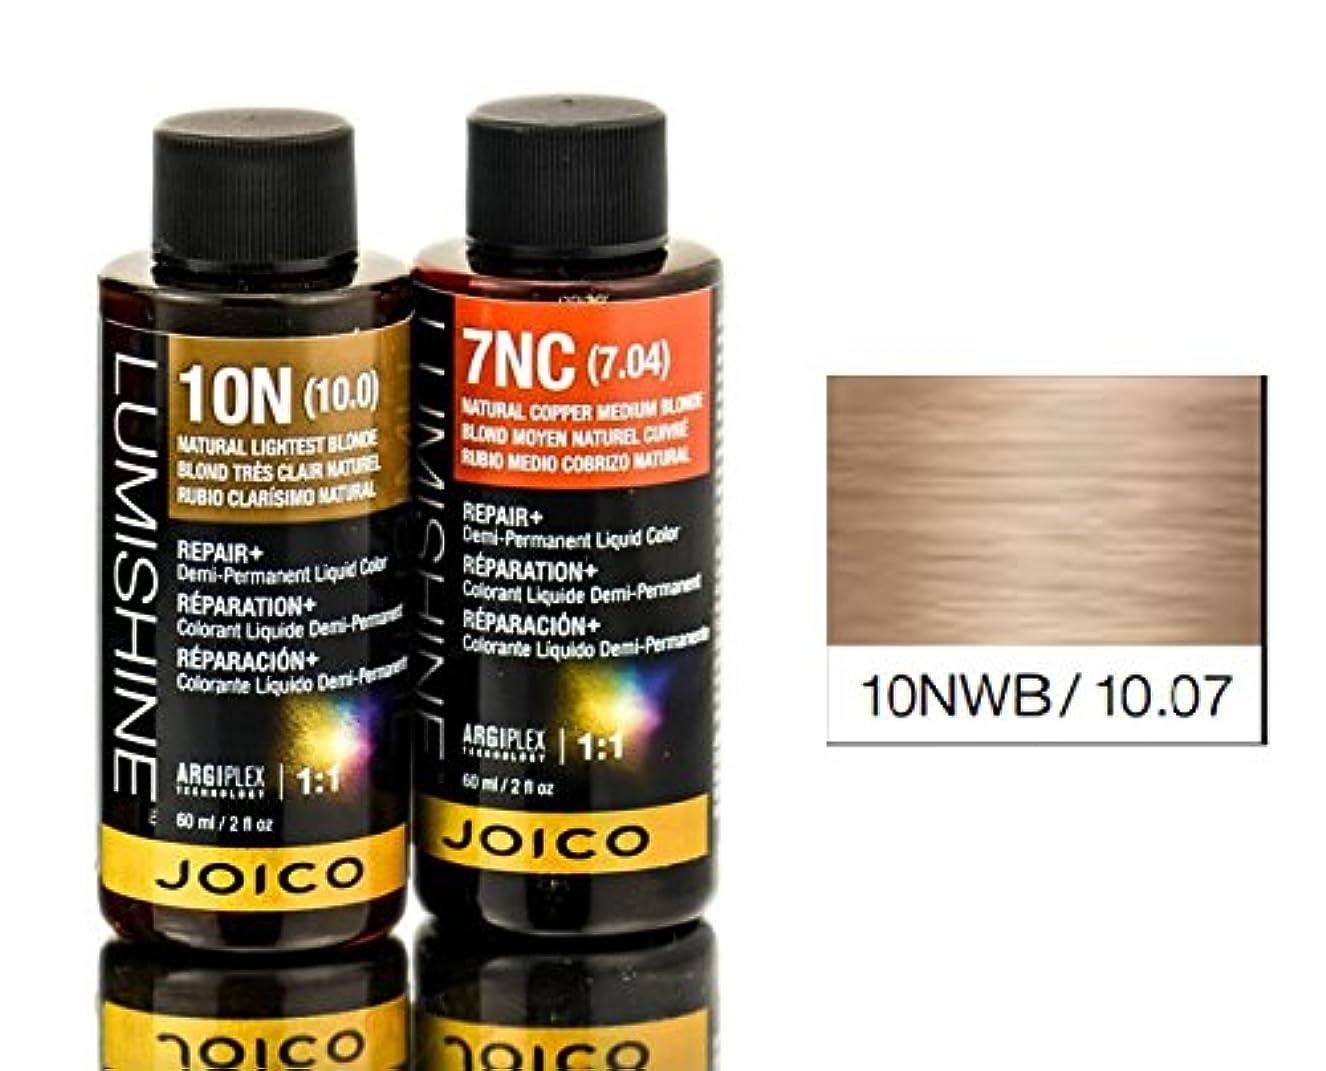 財団パキスタン石のJoico Lumishineデミパーマネント液体色、10nwb / 10.07、 2オンス